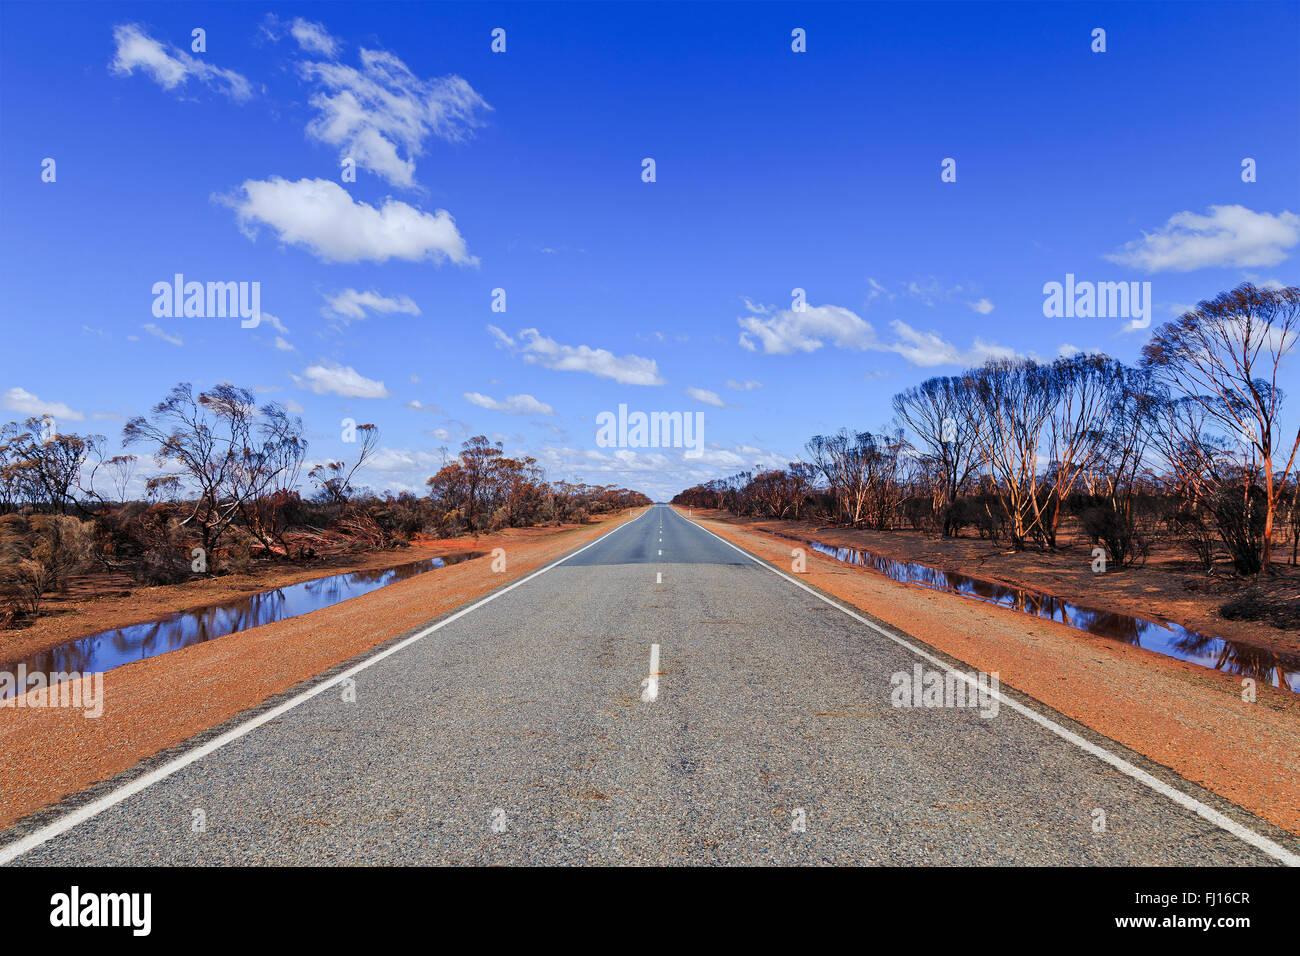 Larghezza del vuoto strada sigillato in Western Australia dopo grave bushfires distruggendo gumtree boschi intorno Immagini Stock